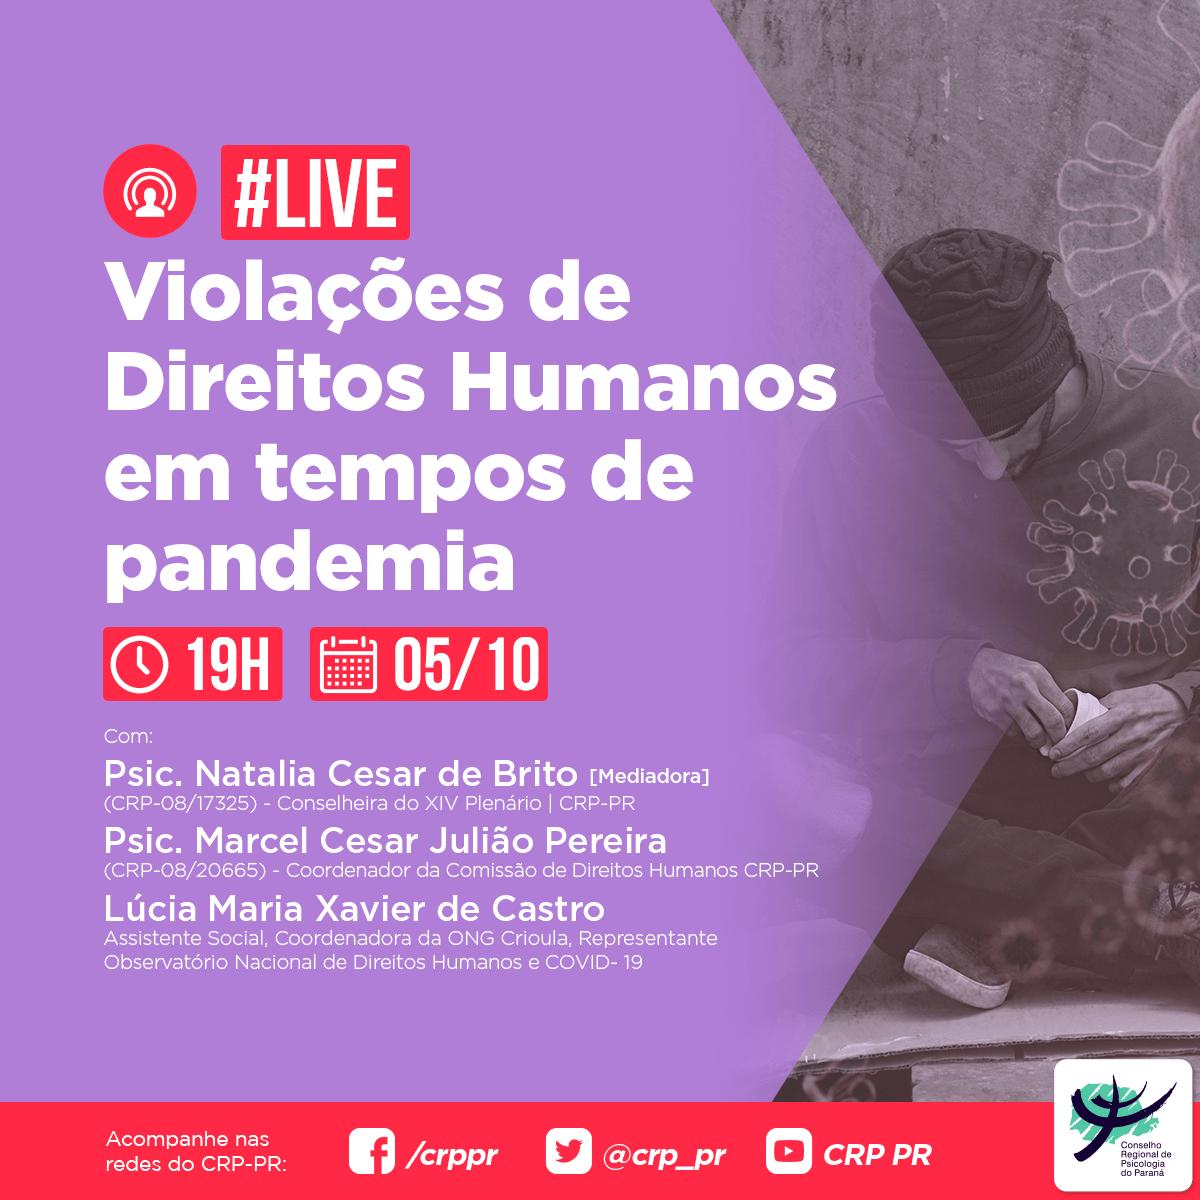 Live | Violações de Direitos Humanos em tempos de pandemia